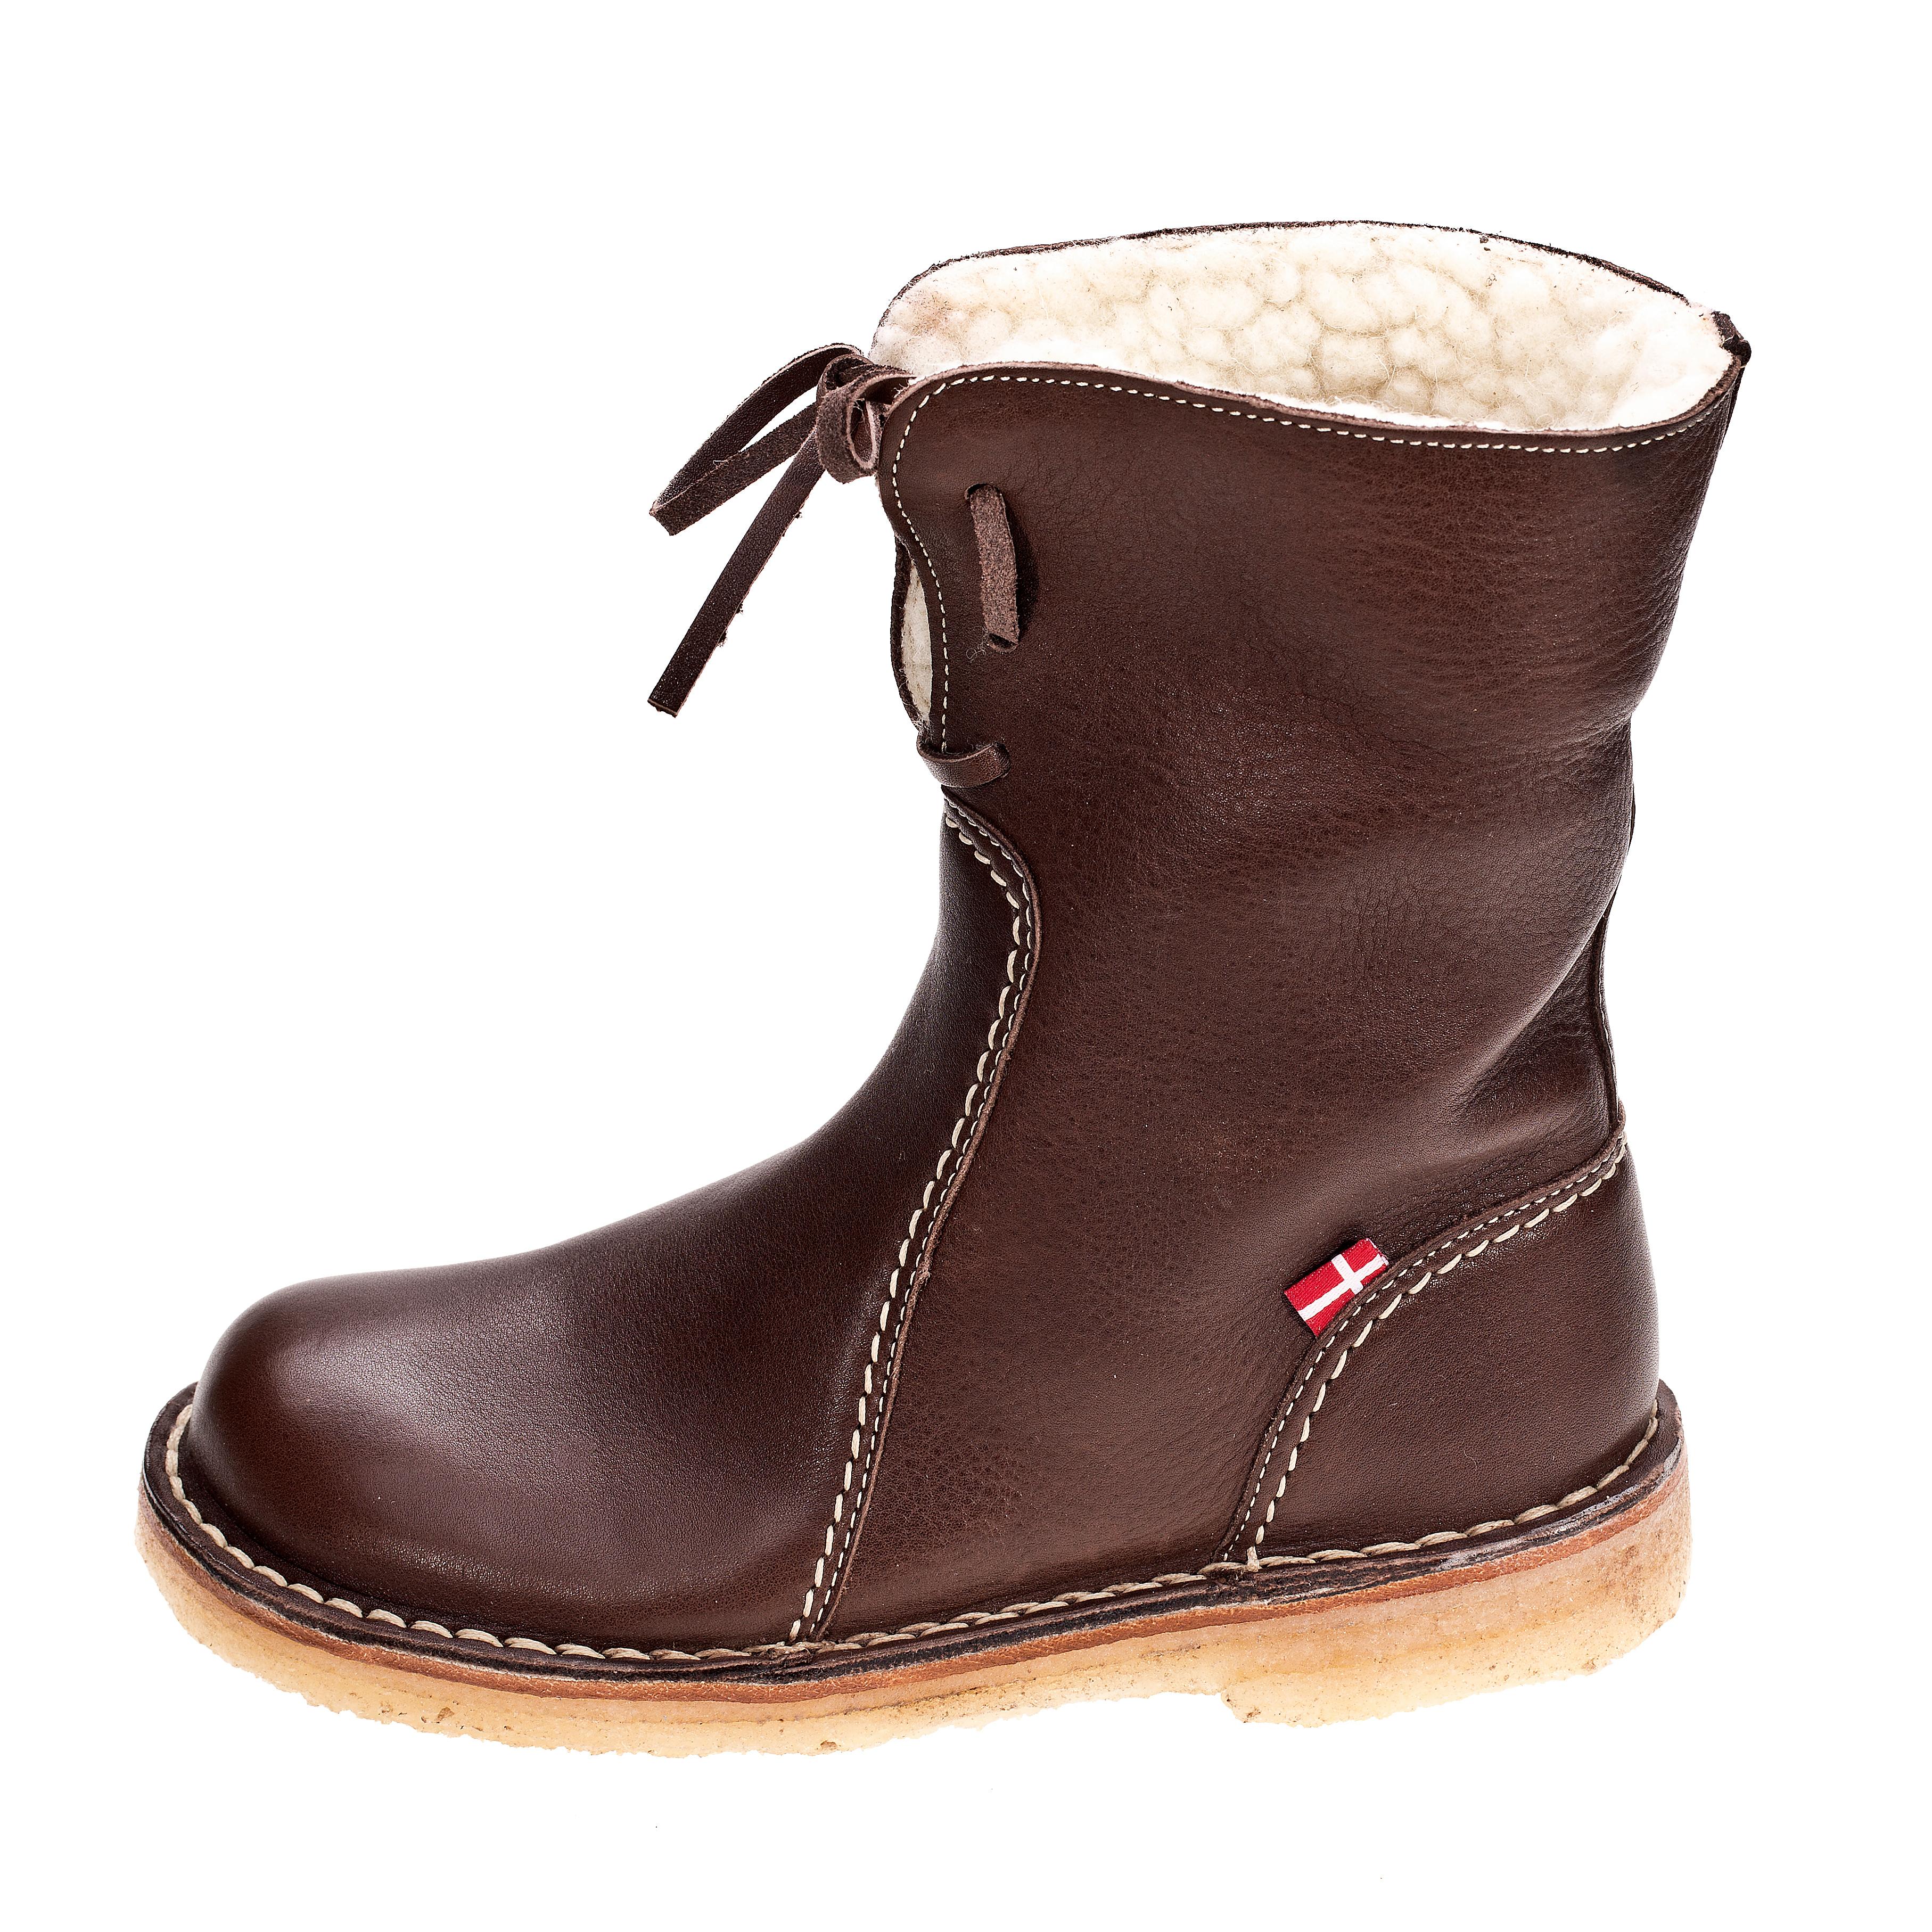 B76tvkoegg duckfeet arhus shearling lined boot 0 original